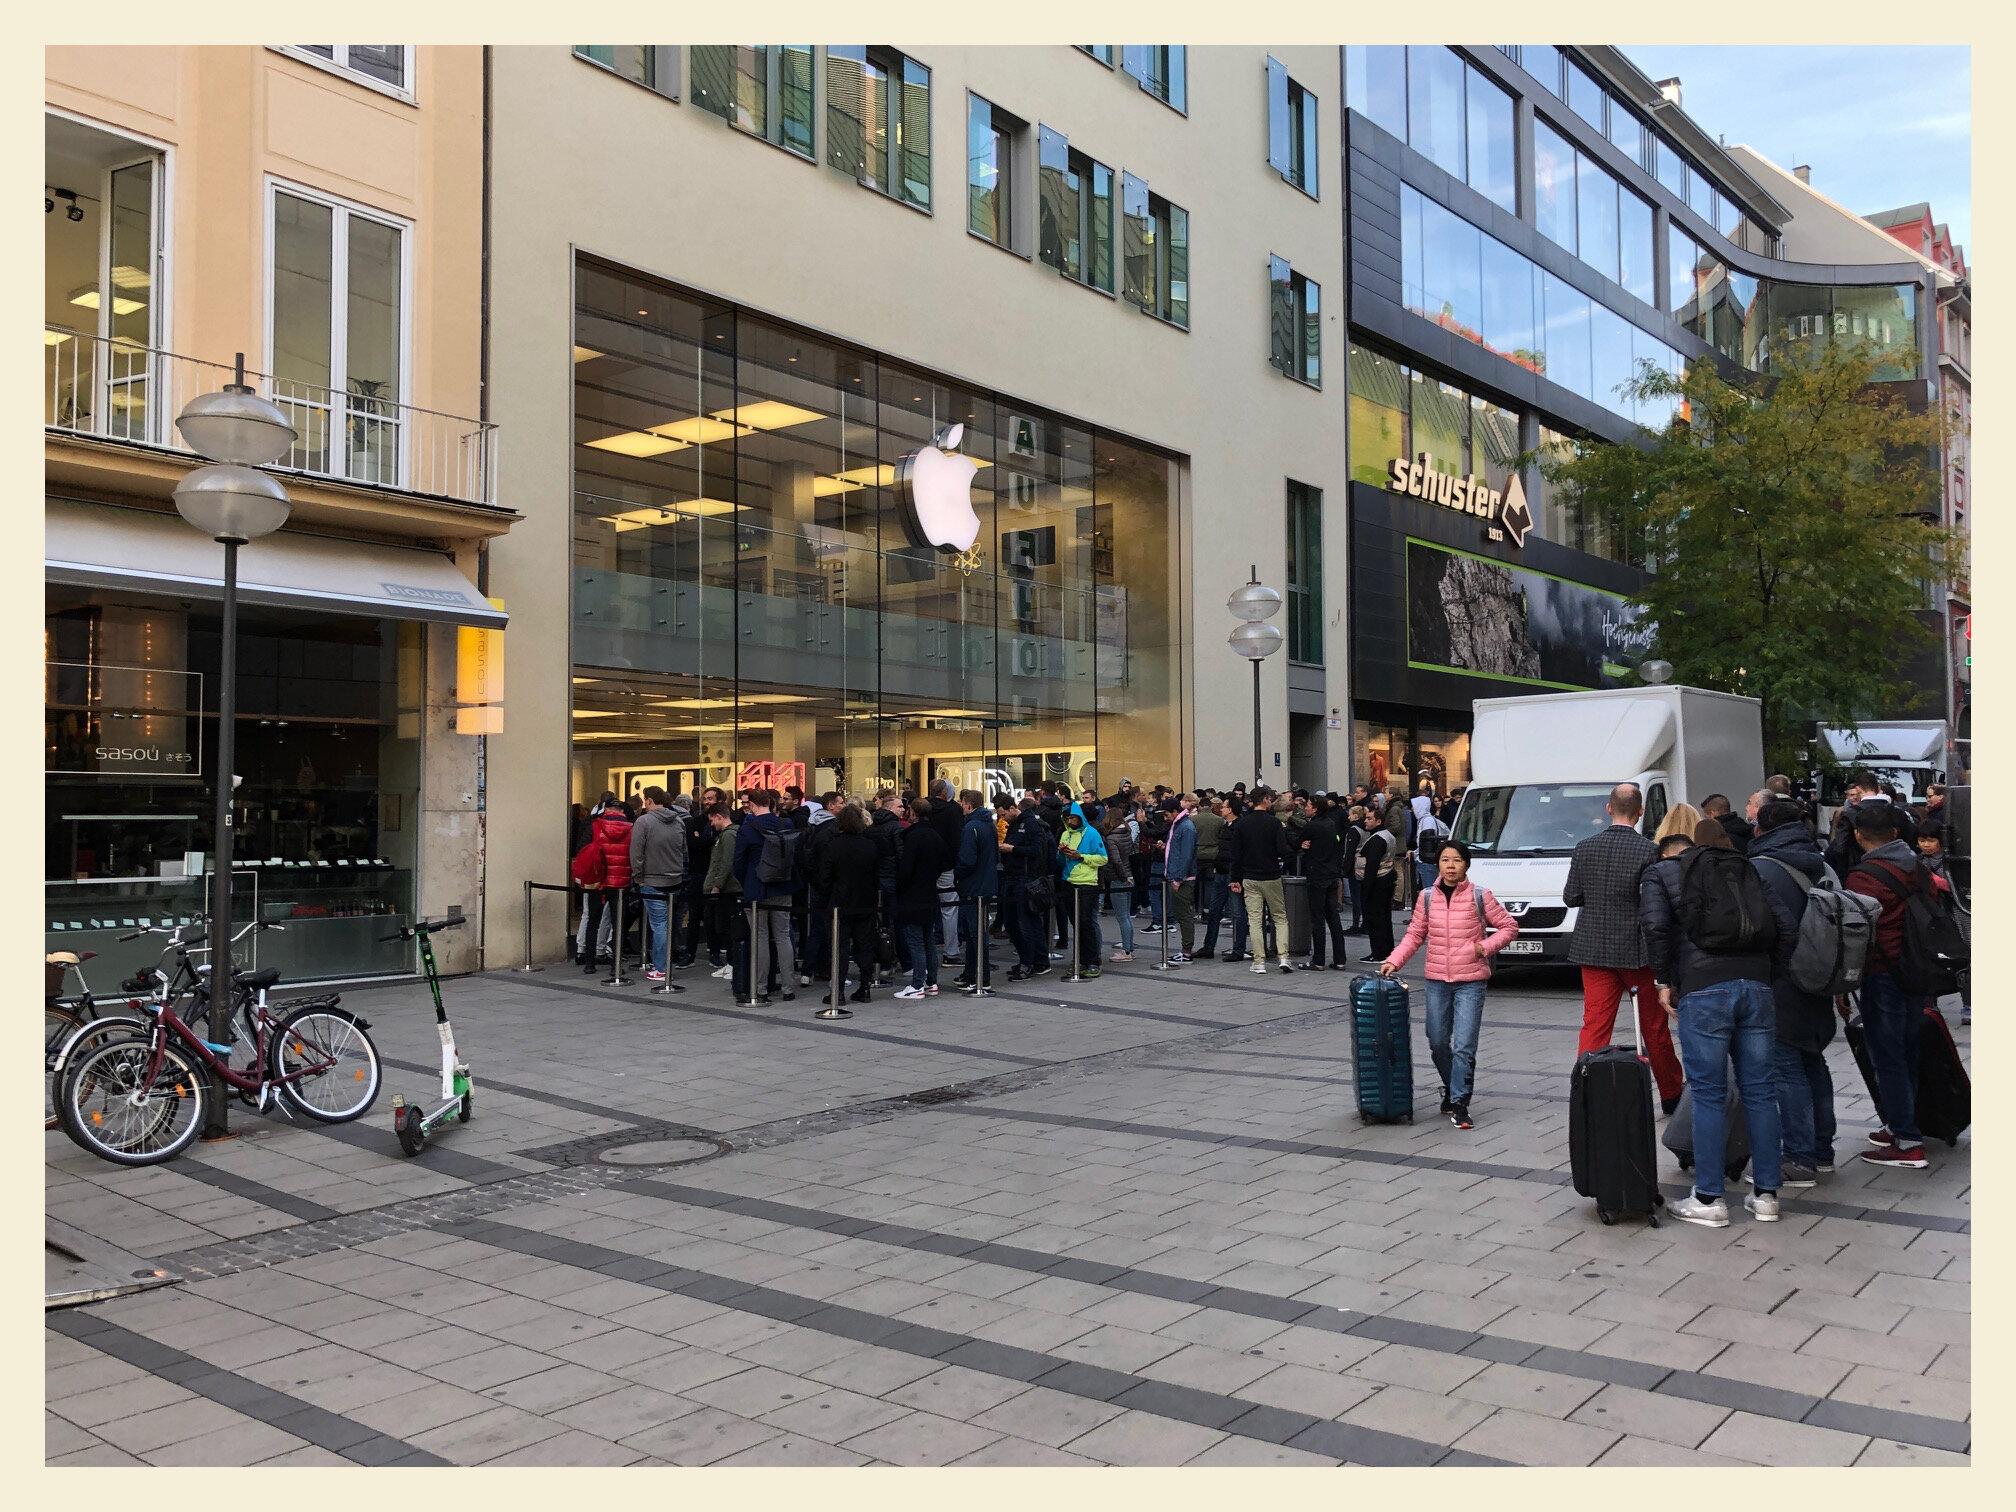 Merf_was_in_Munich_FR.jpg